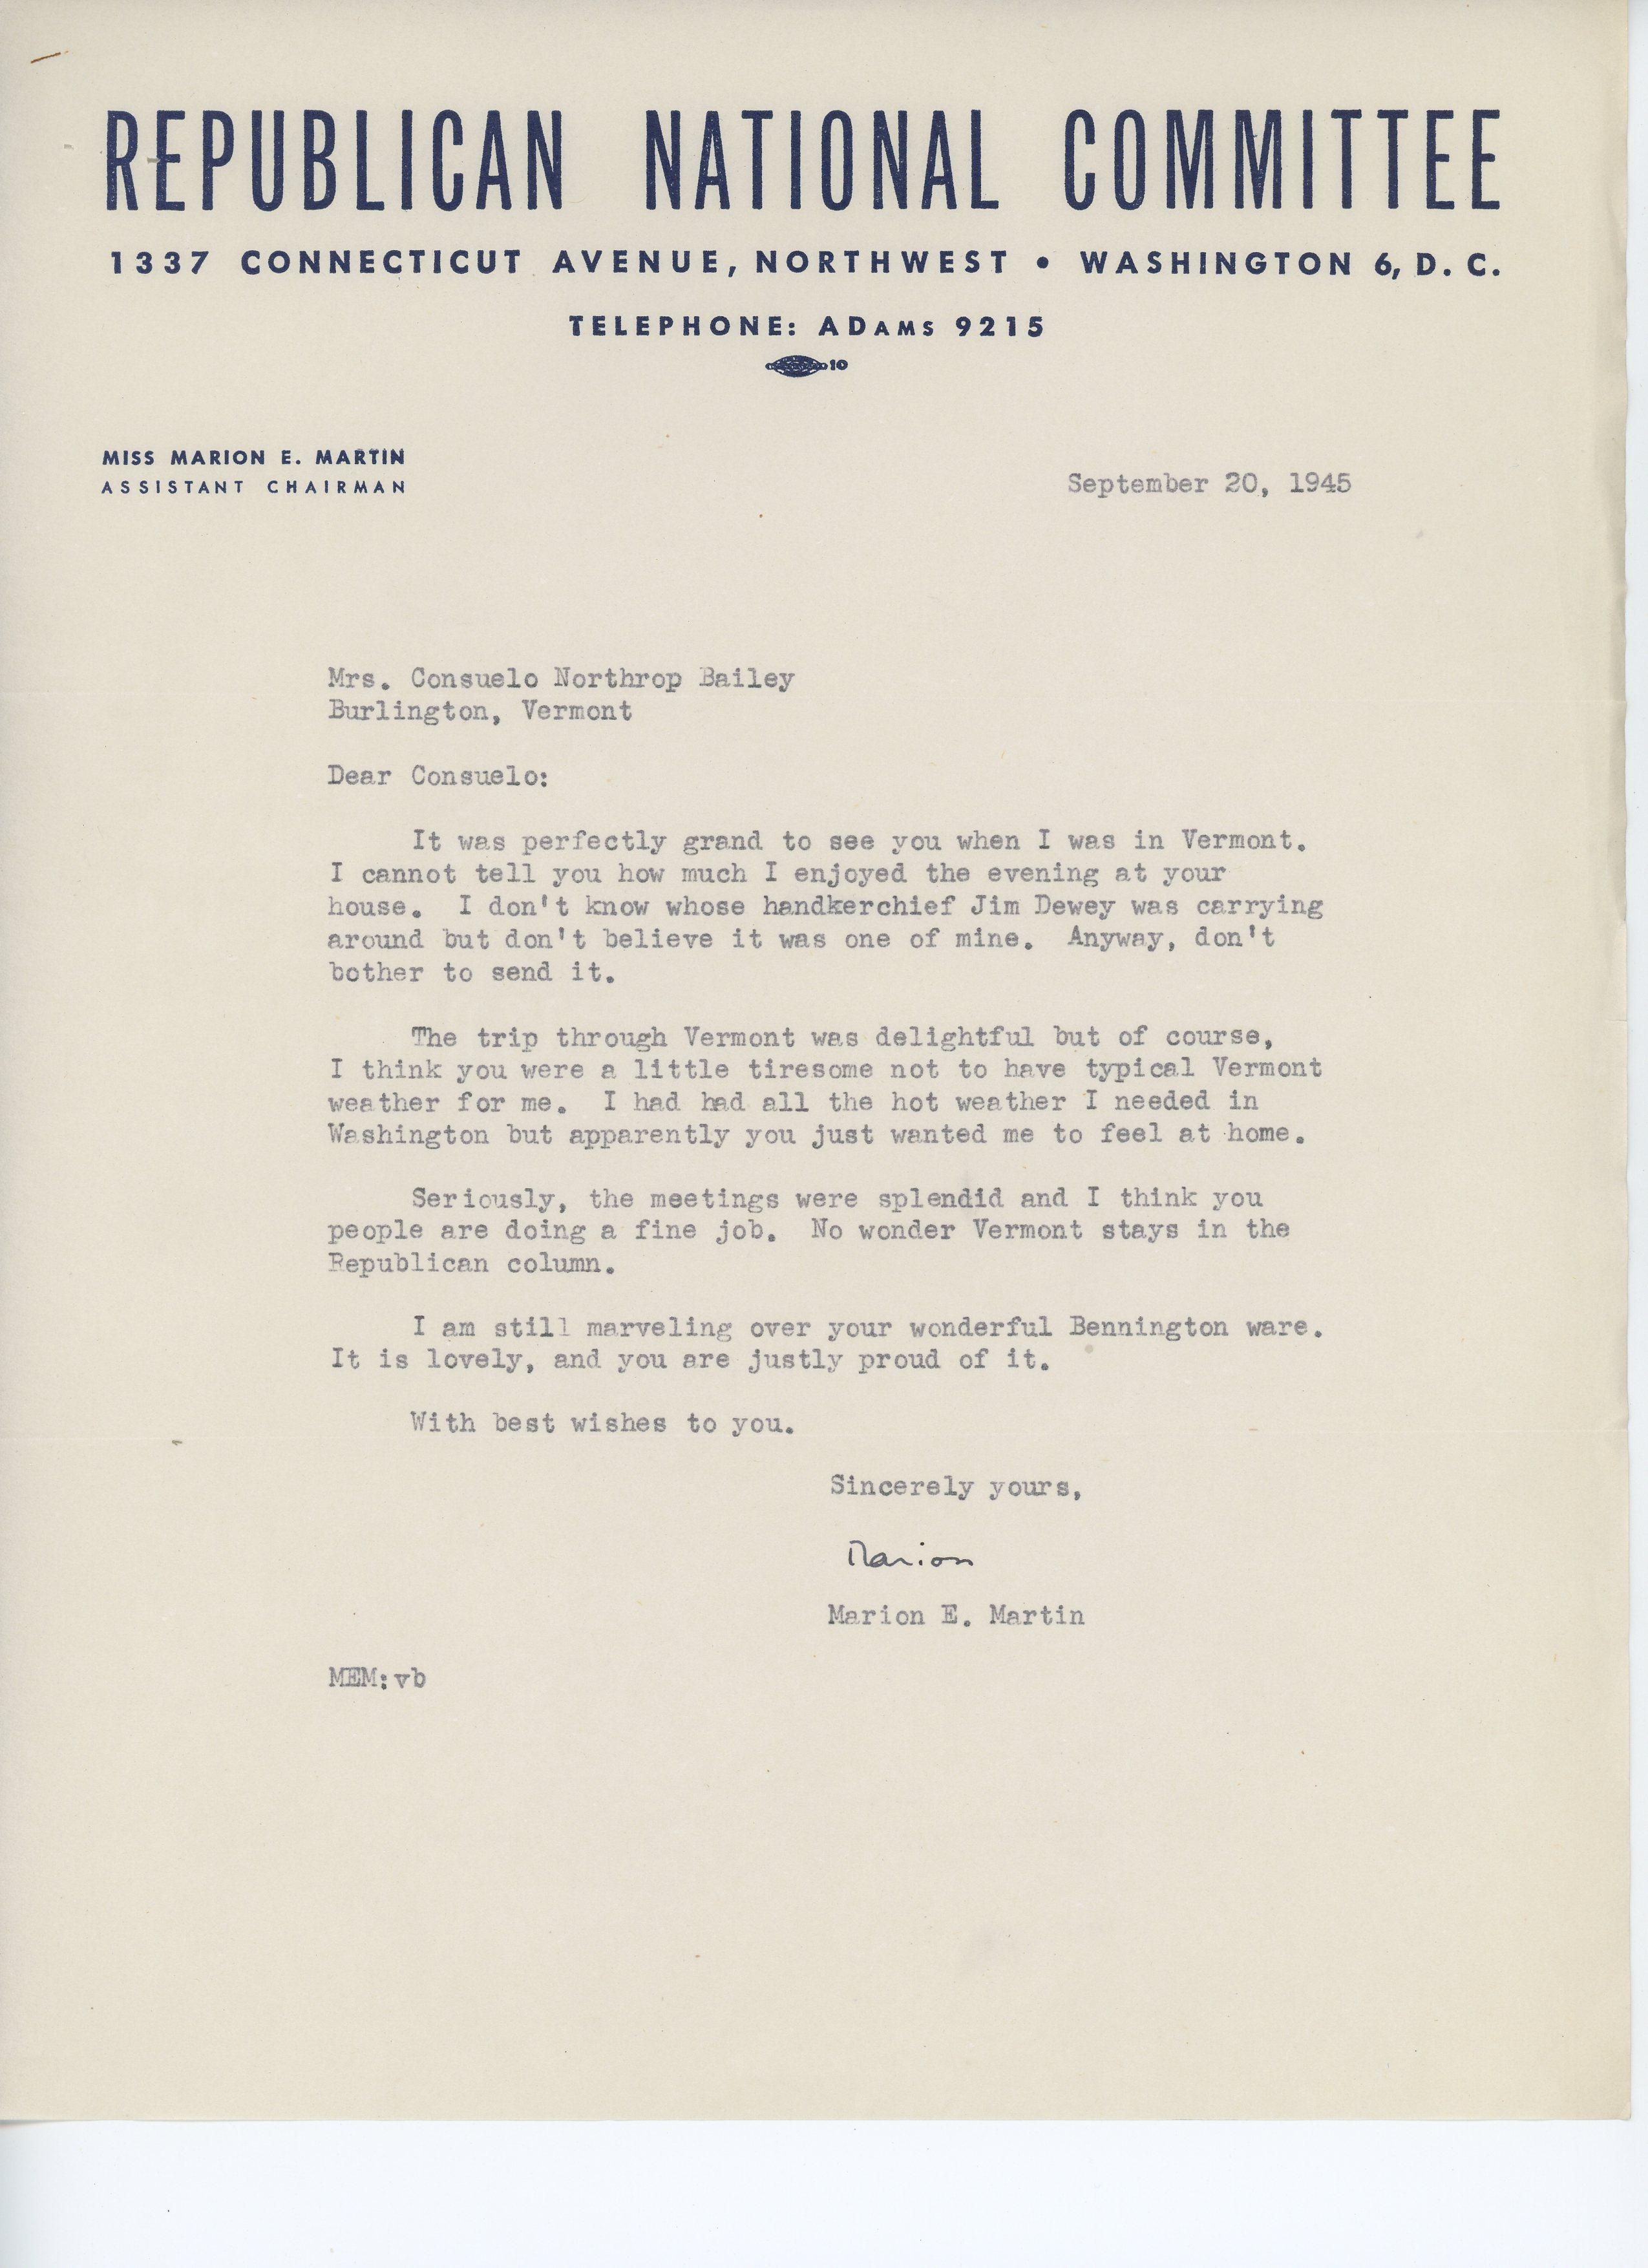 Marion E. Martin to Consuelo N. Bailey 1945 September 20